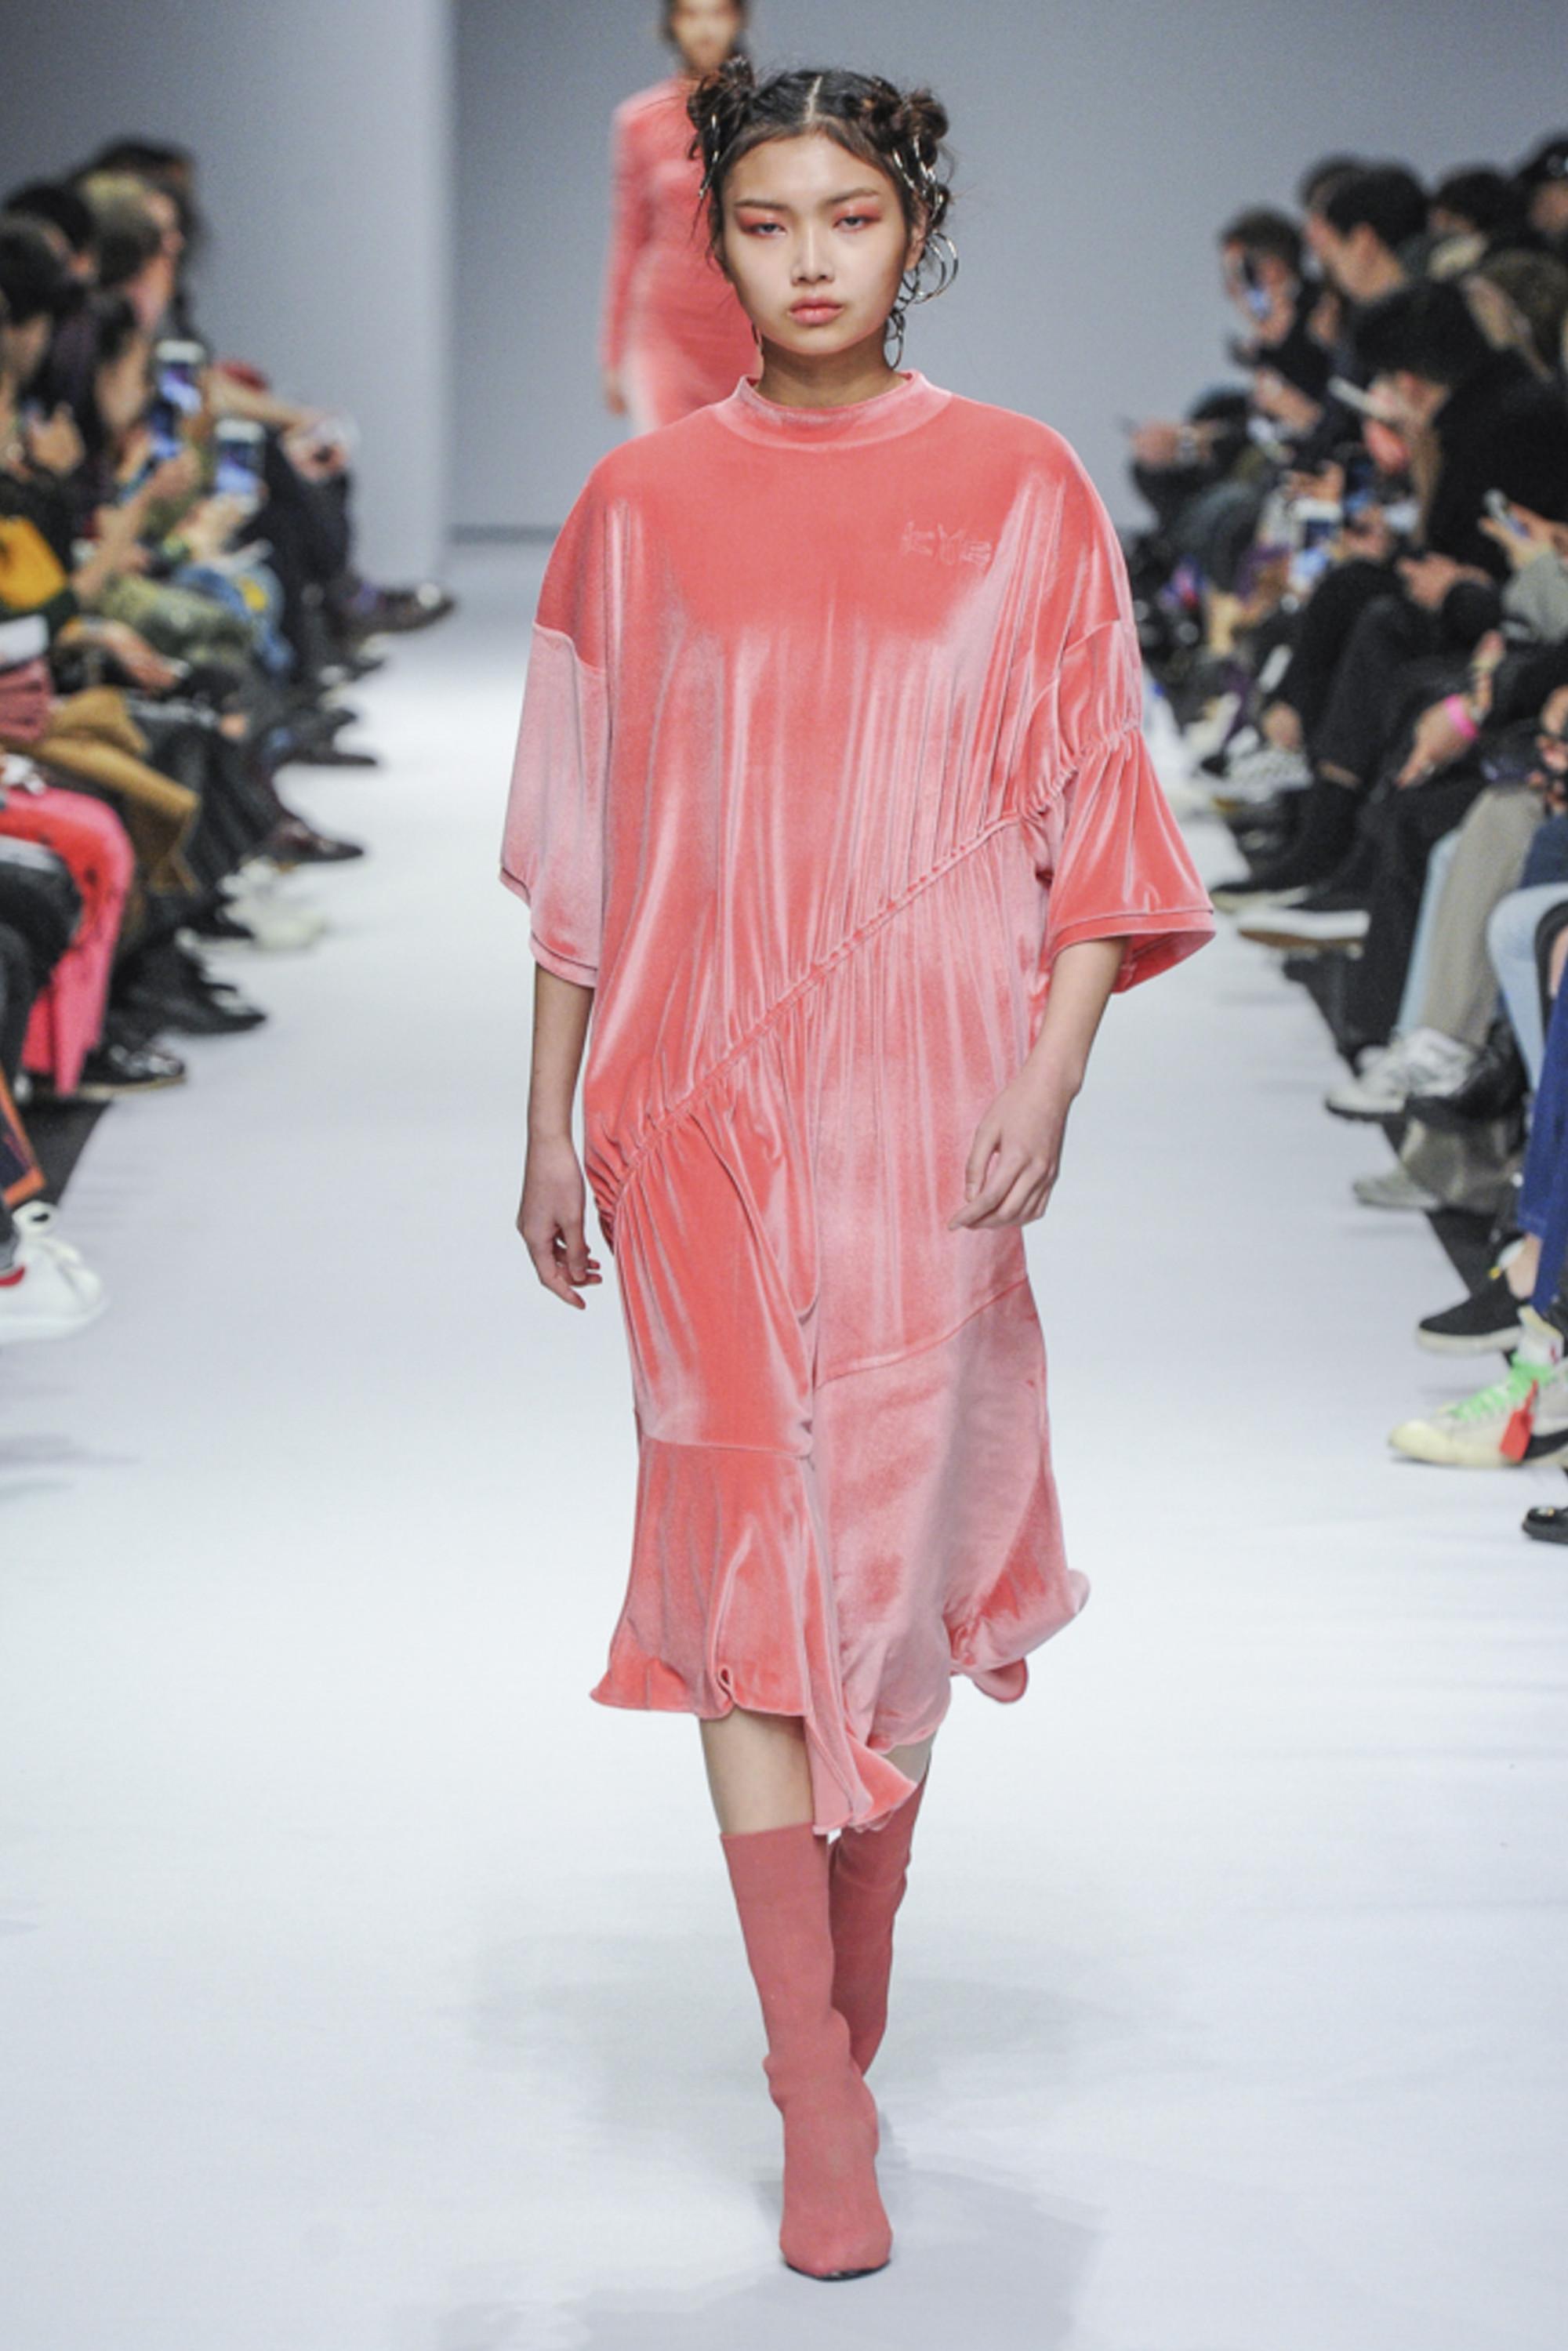 Kye розового оттенка велюровое платье 2019 с розового цвета сапогами